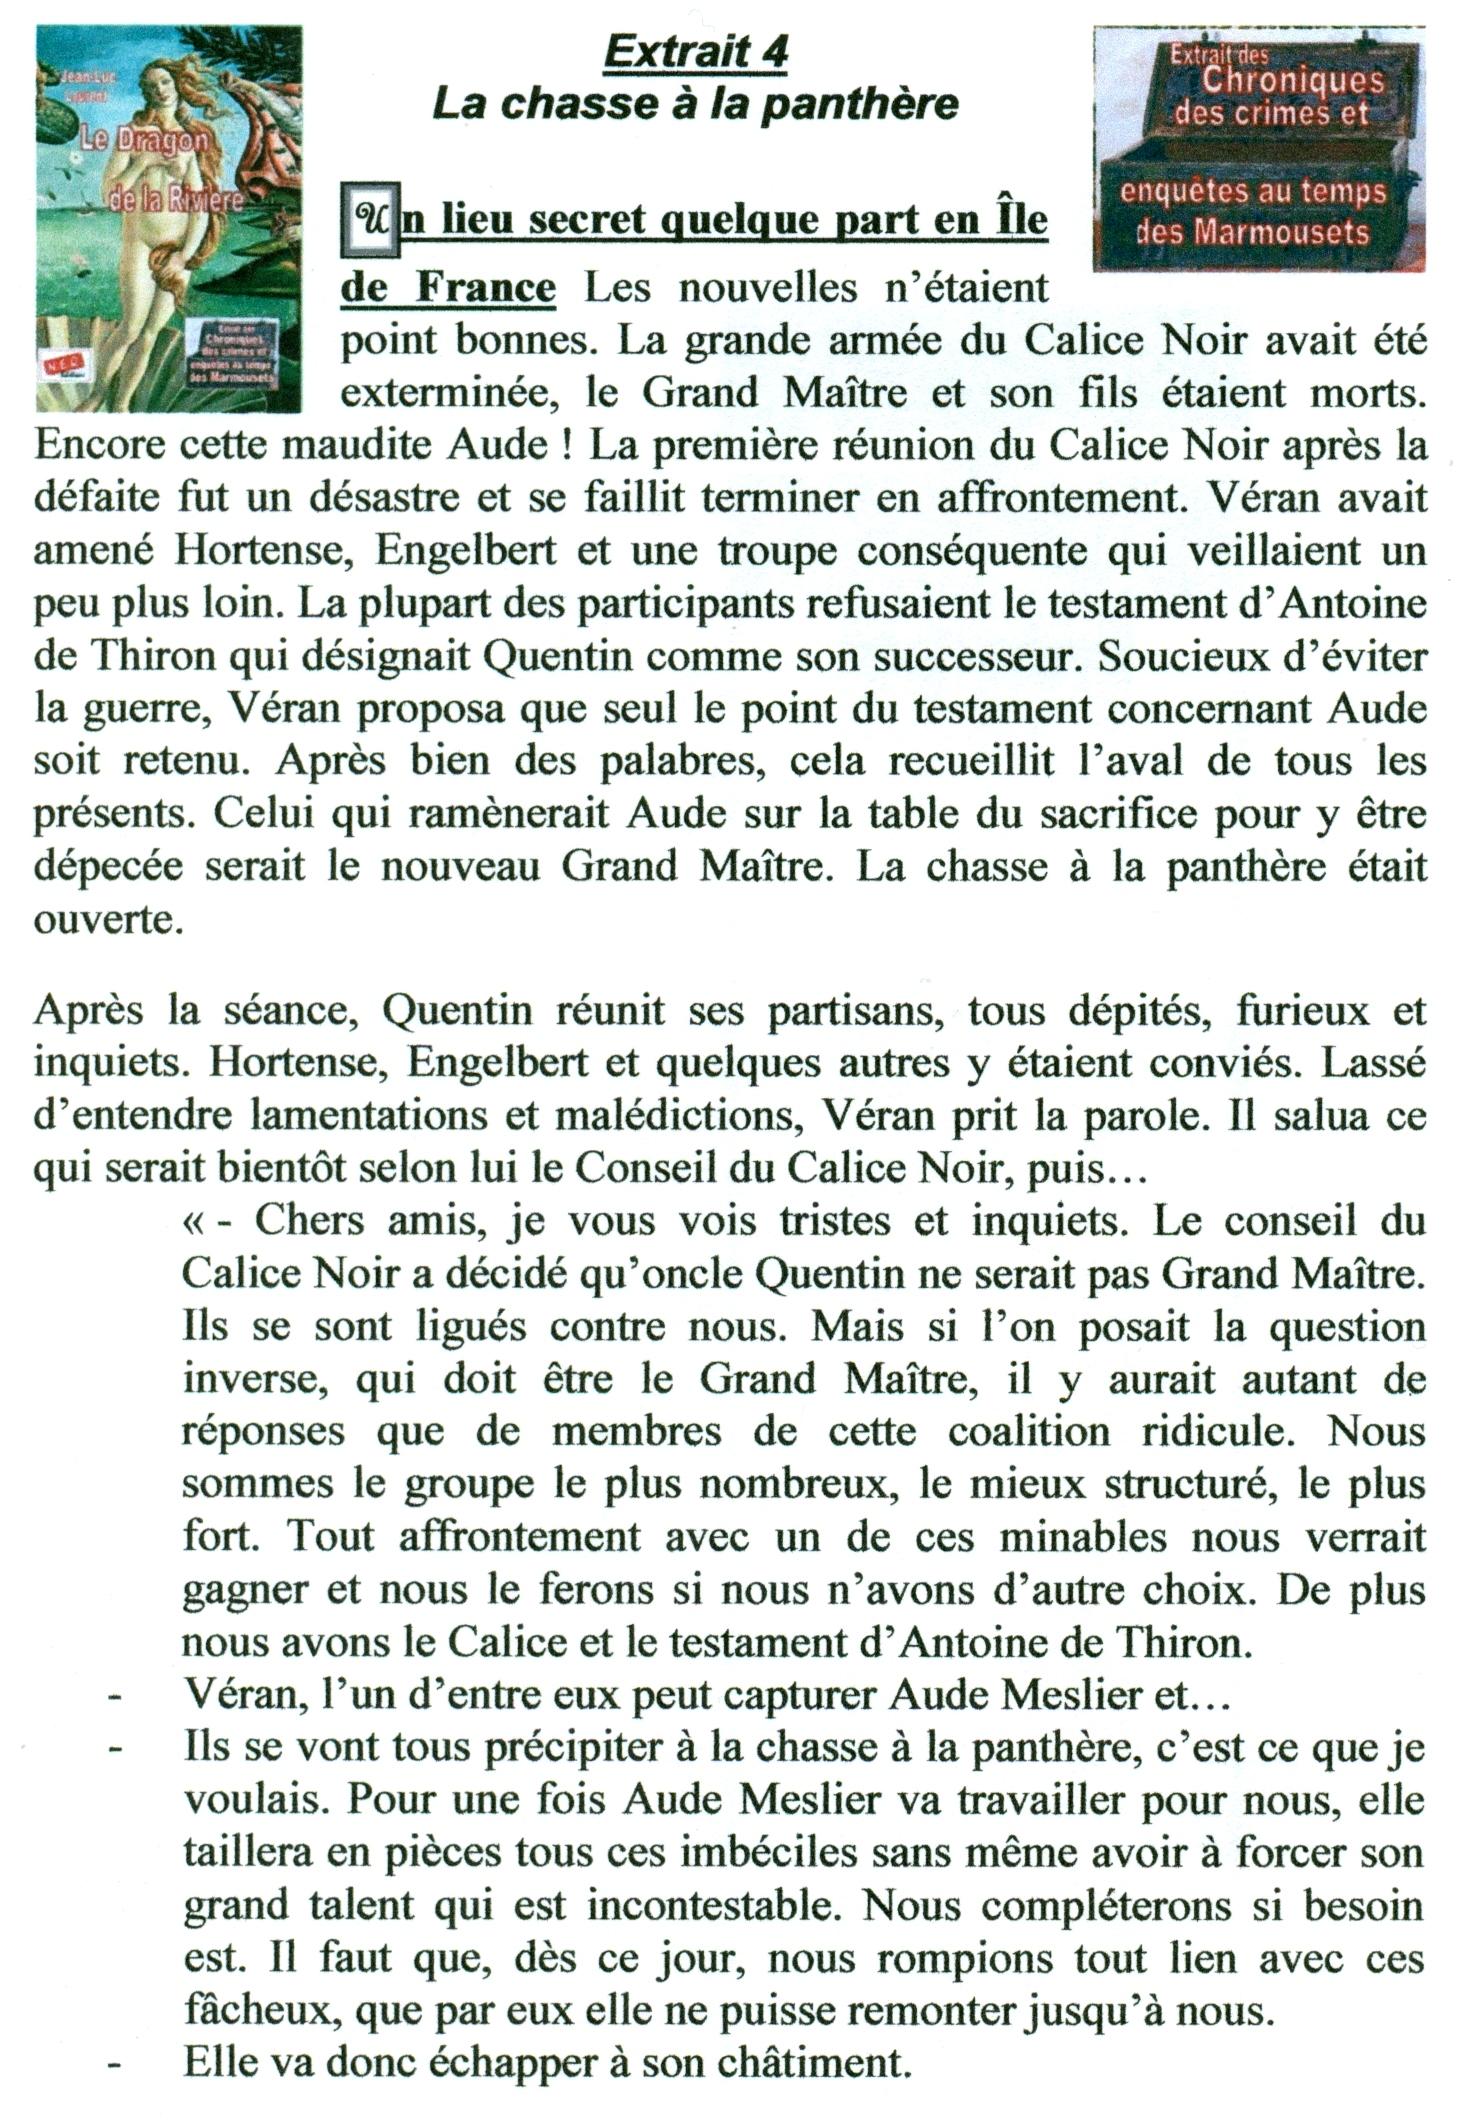 Extrait 4 La Chasse à la Panthère dans extraits numerisation0099